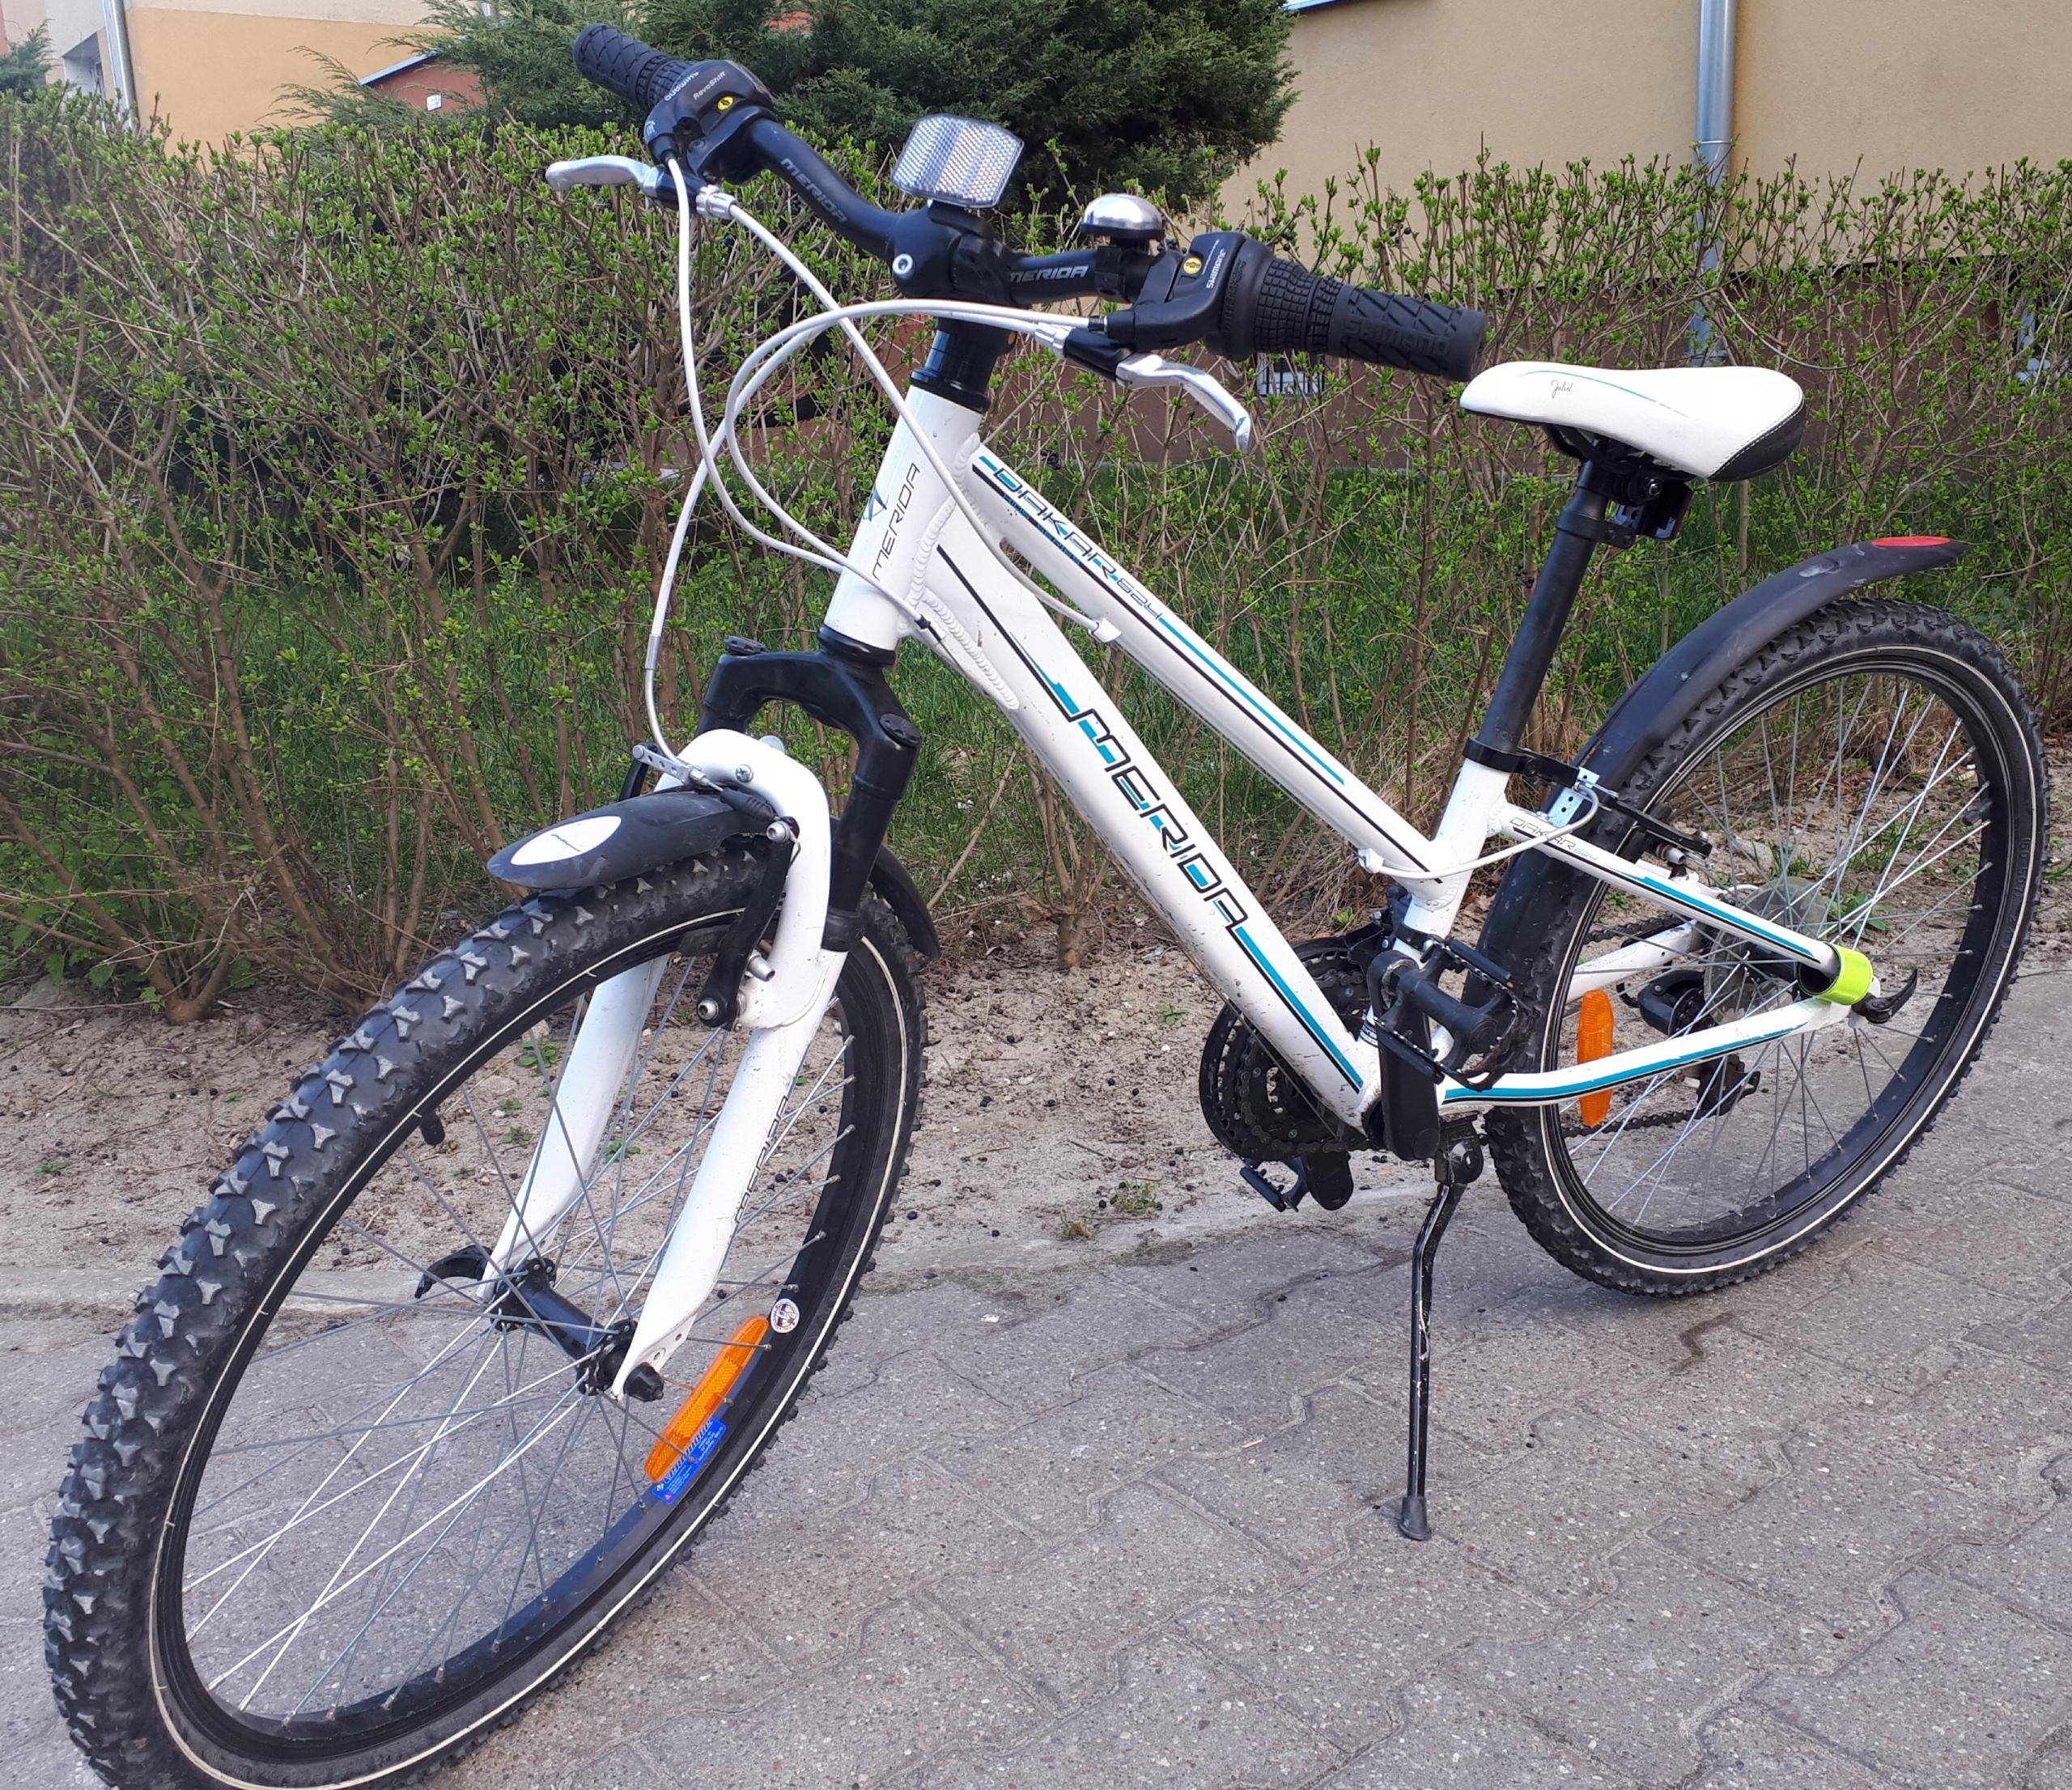 Rower Merida Dakar 624 koła 24 Junior, stan BDB